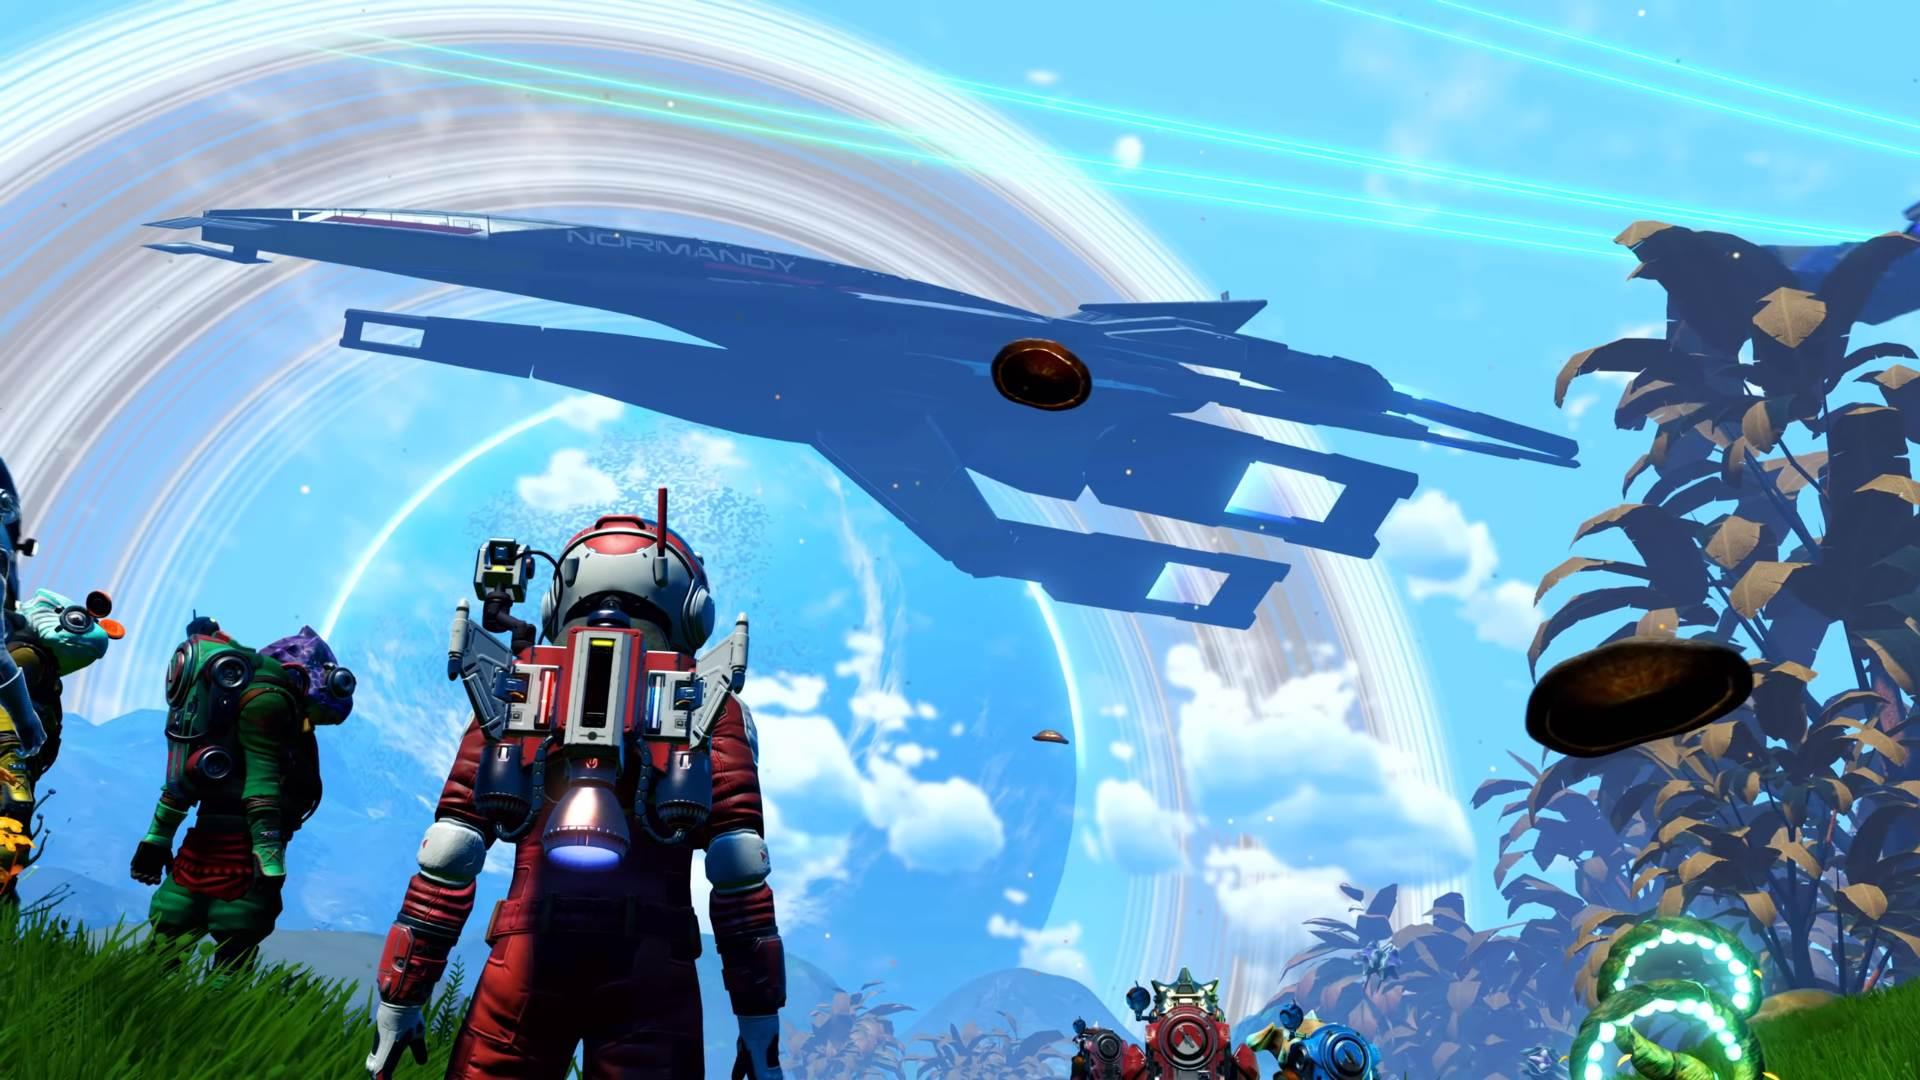 No Man's Sky players unlock Mass Effect's Normandy to add to their fleet screenshot